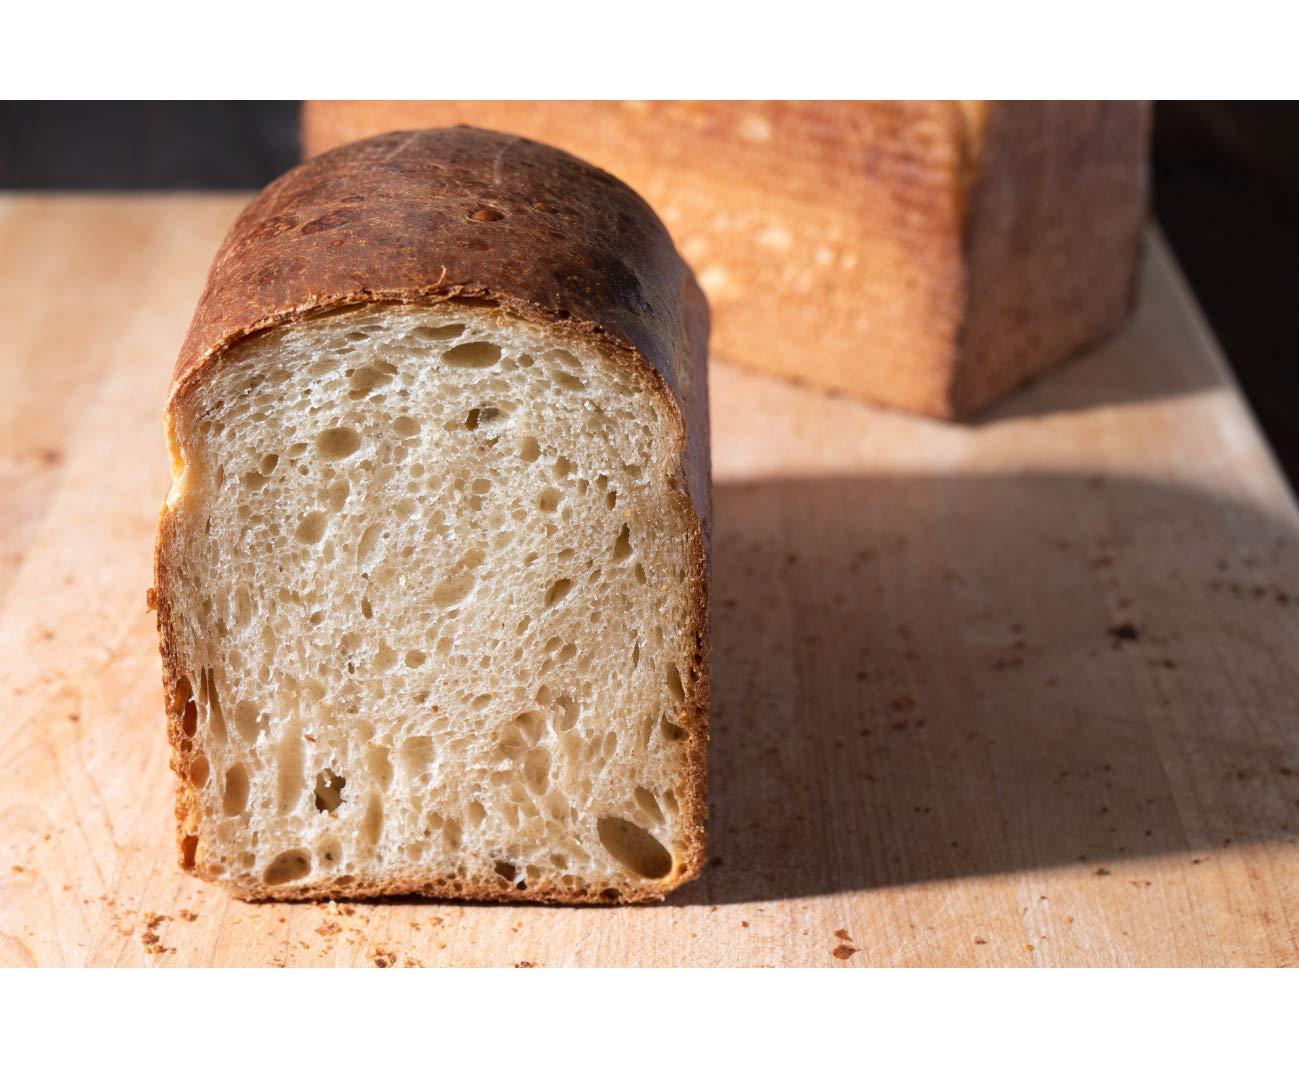 Antimo Caputo Gluten Free Pizza Flour 11 Lb Bulk - All Natural Multi Purpose Flour & Starch Blend for Baking Pizza, Bread, & Pasta by Antico Molino Napoli (Image #3)